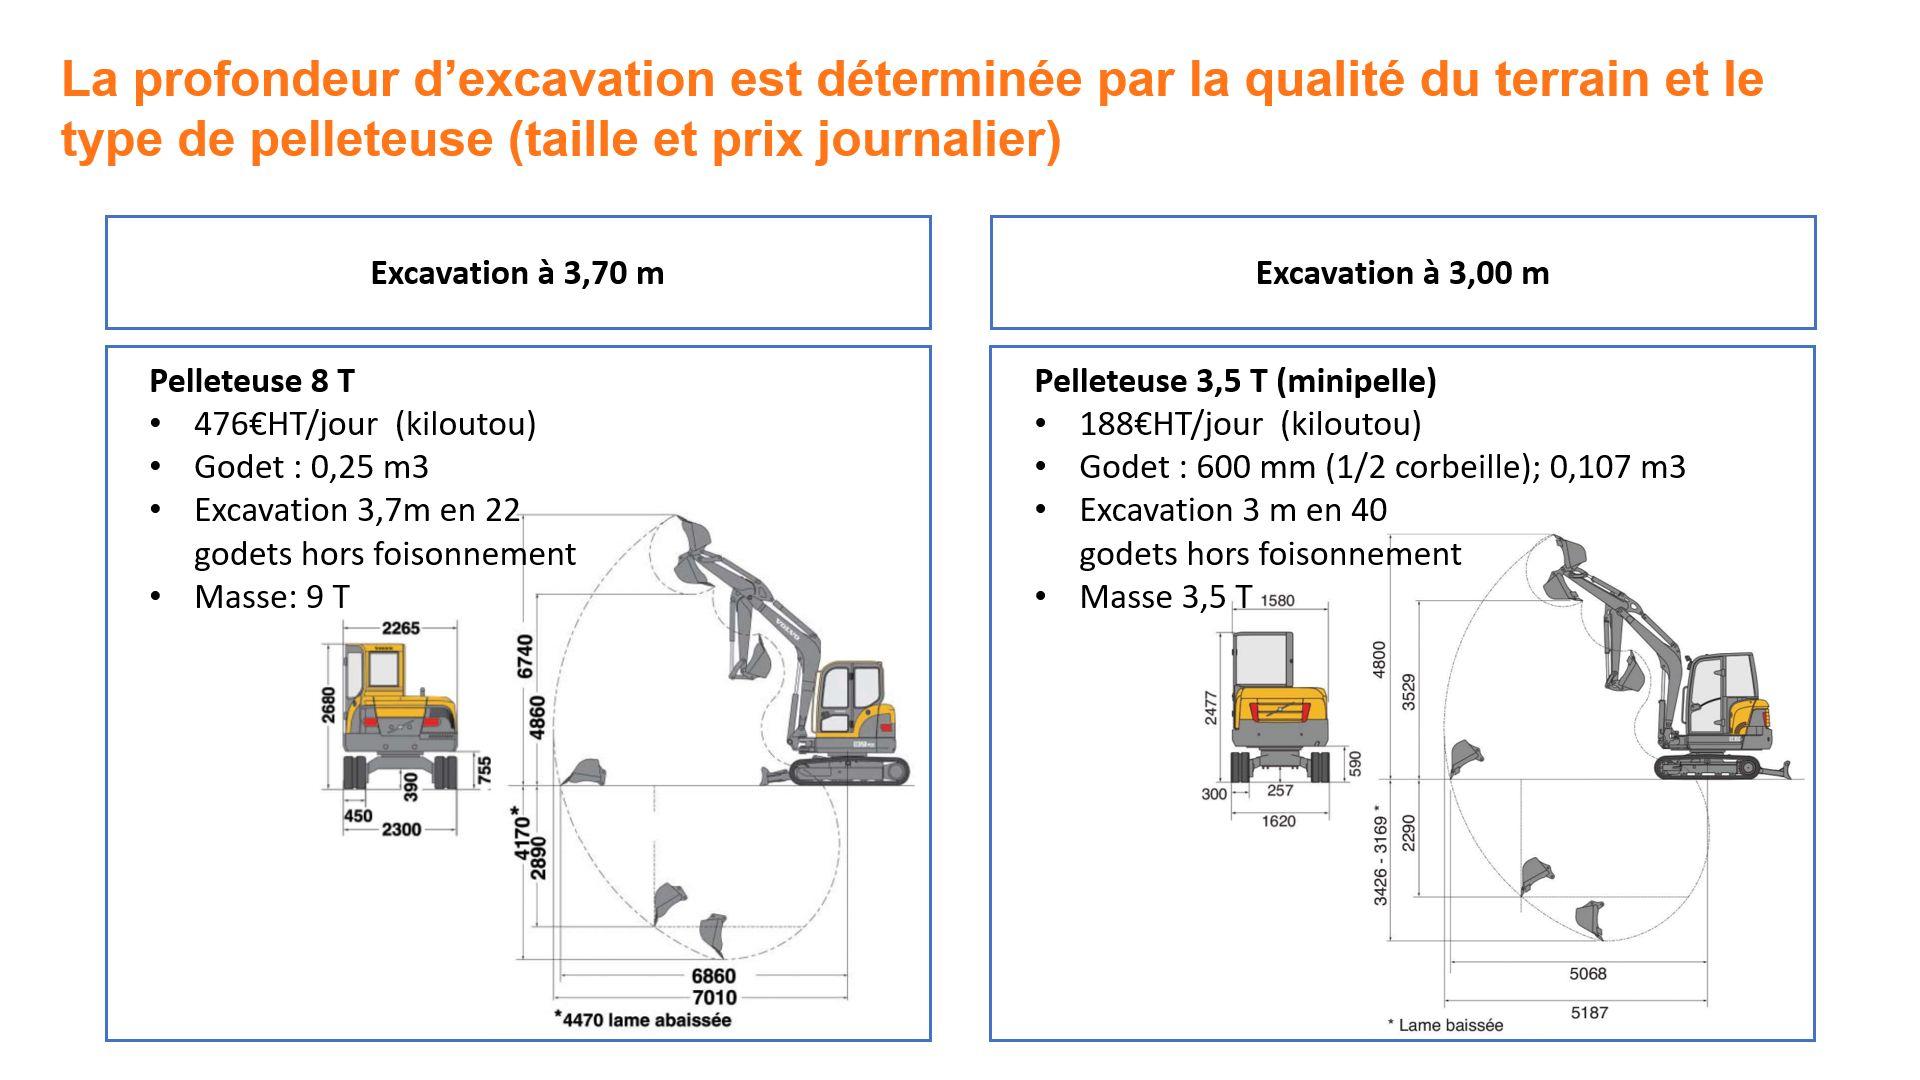 Pelleteuses suivant échangeur pour puits canadien hydraulique